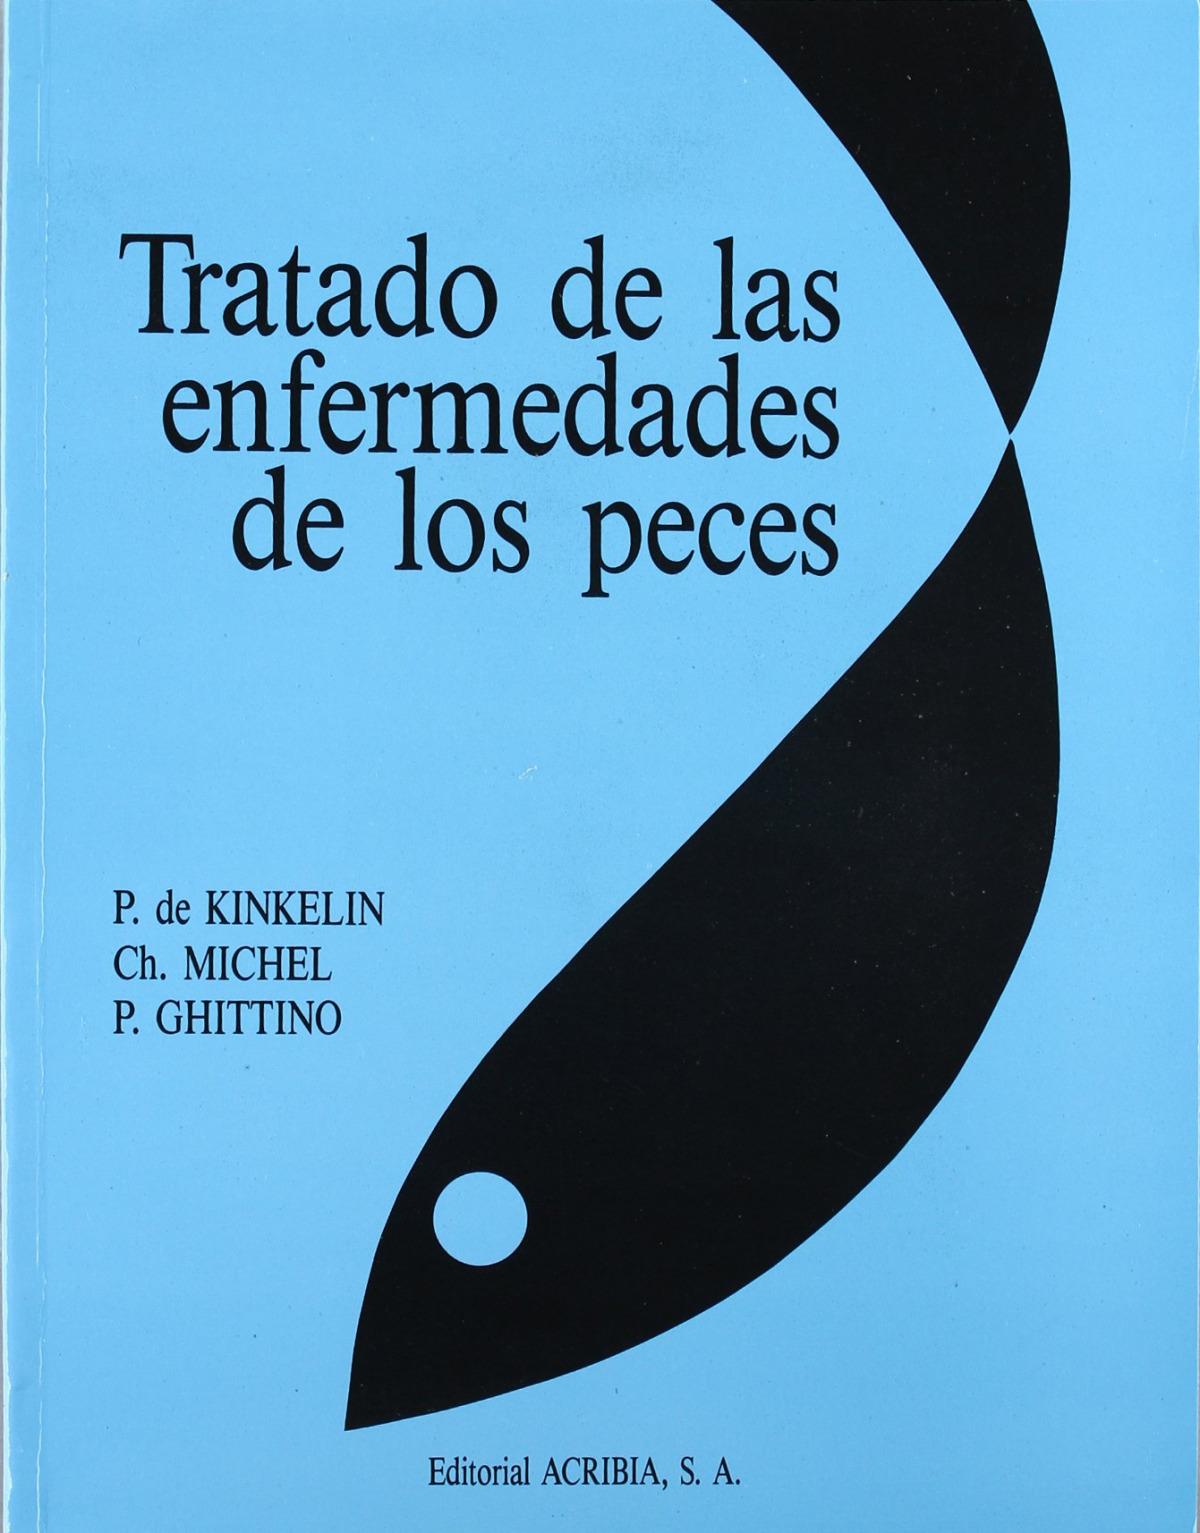 TRATADO DE LAS ENFERMEDADES DE LOS PECES